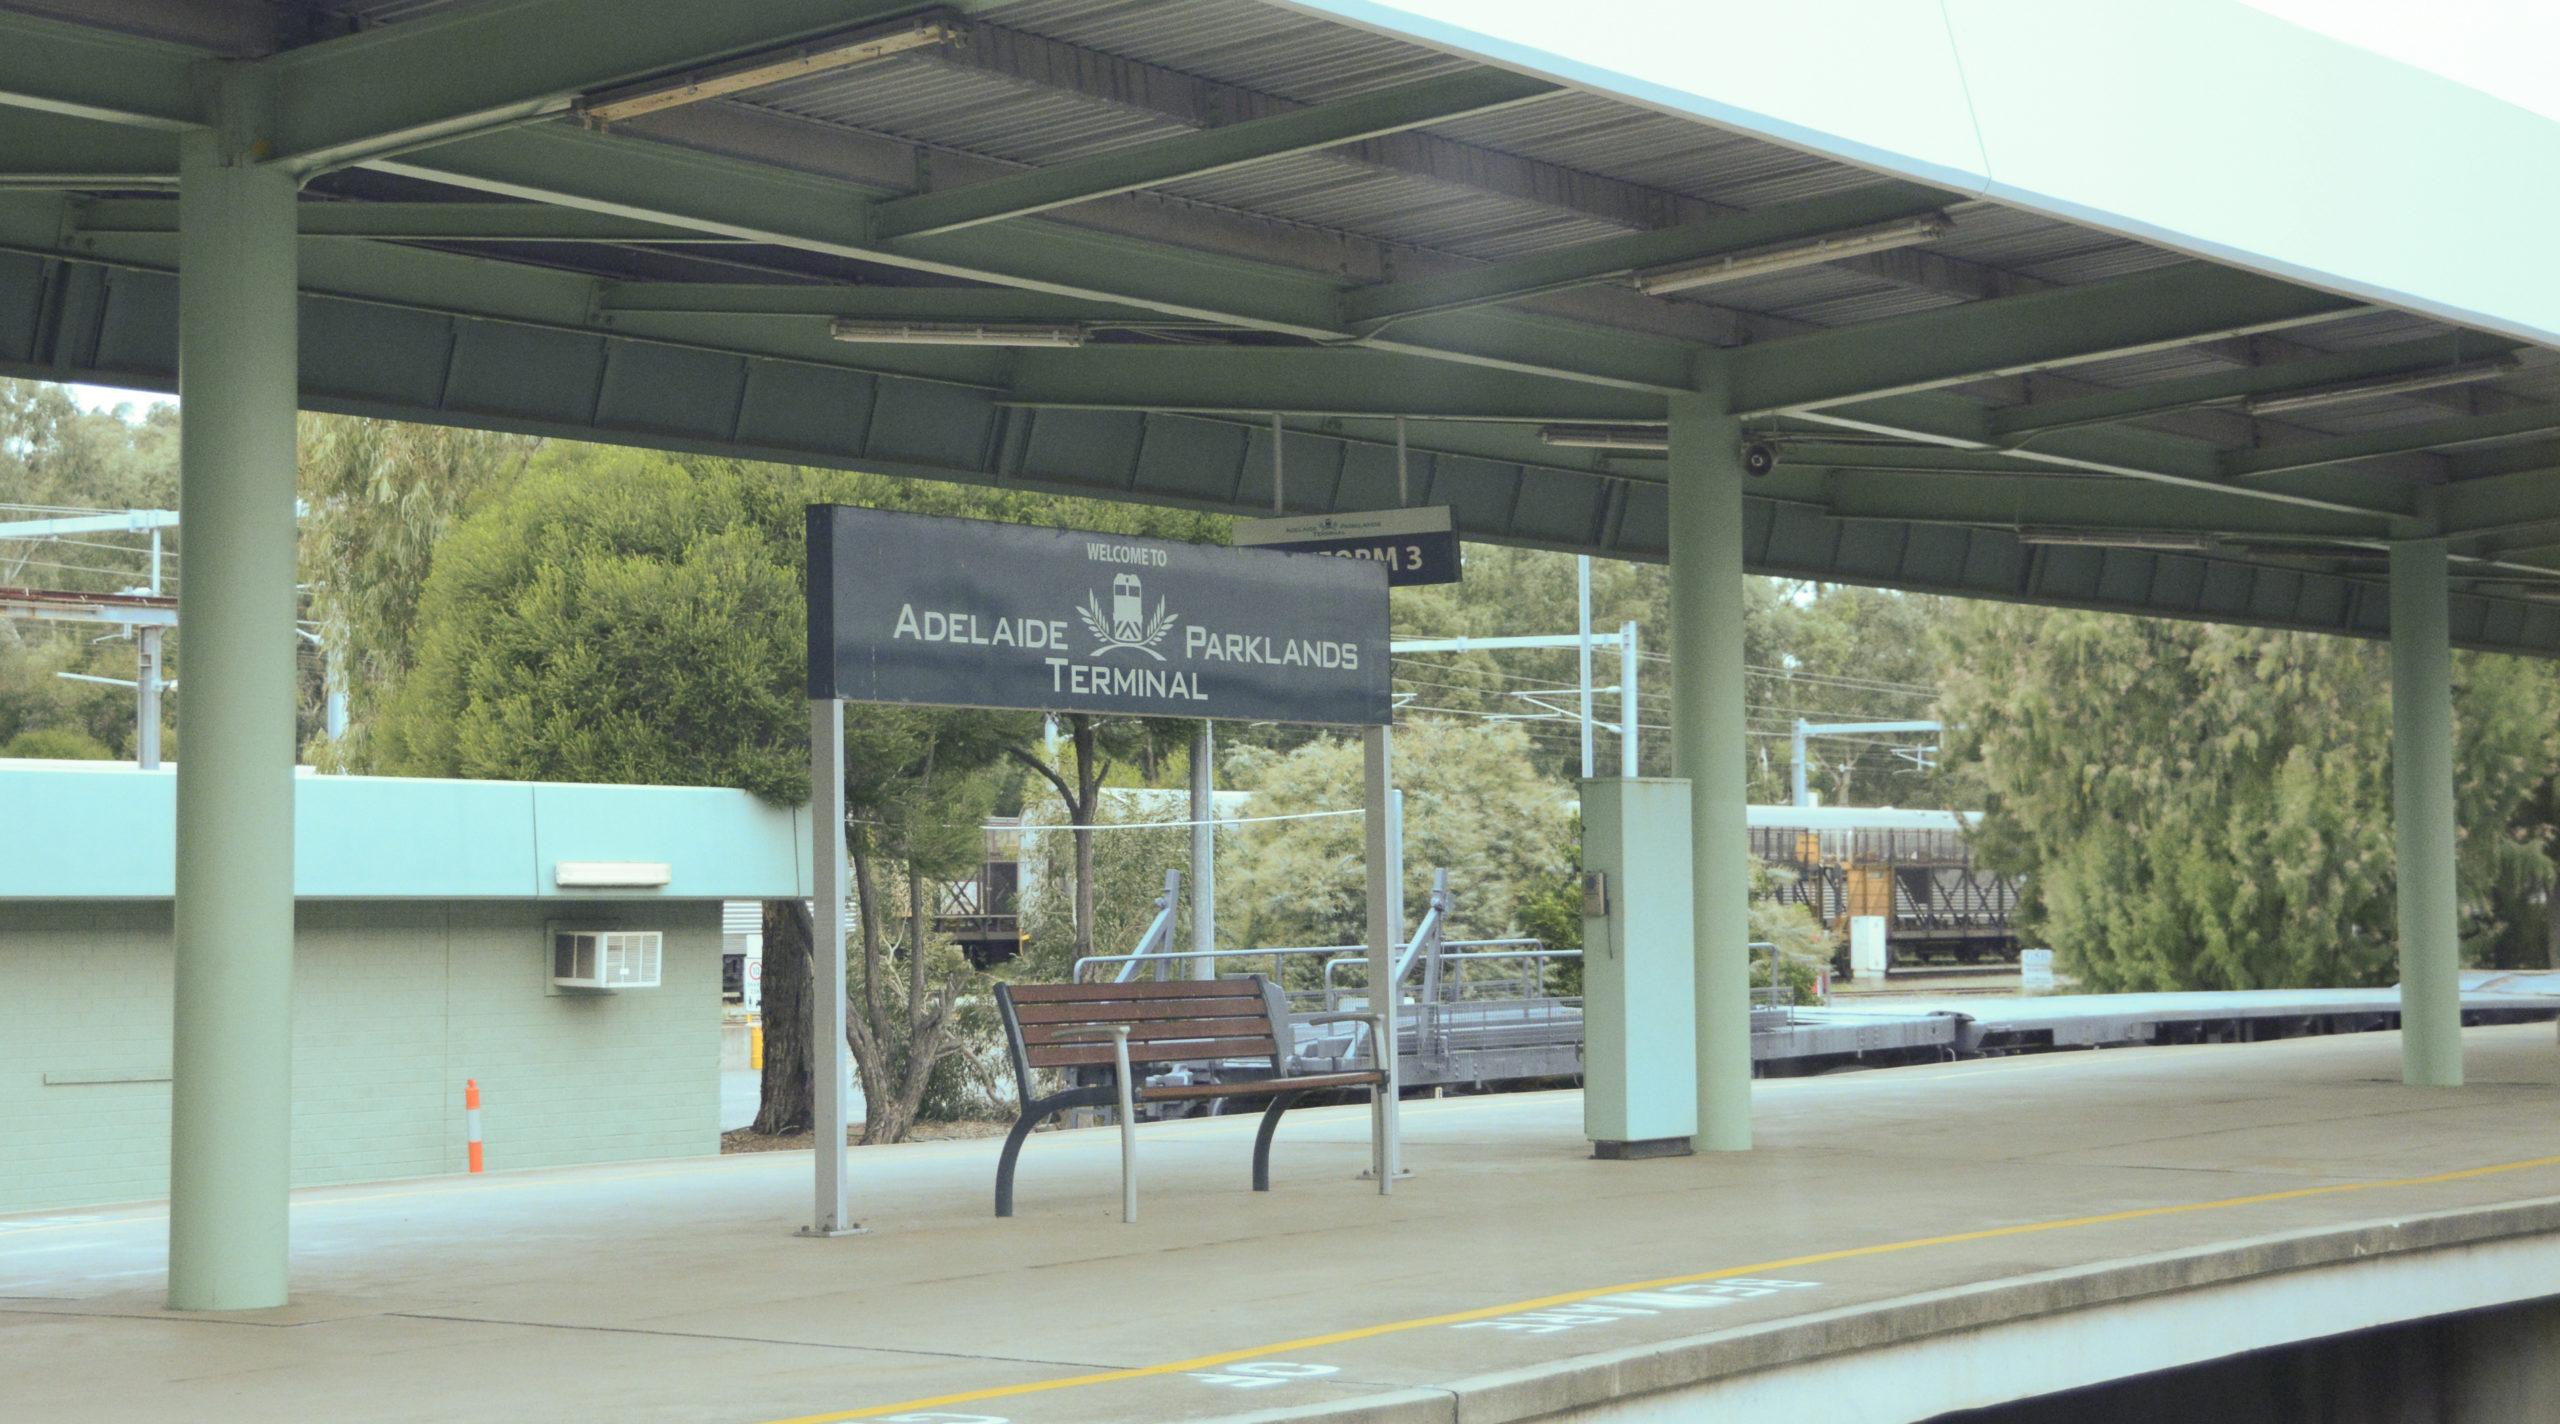 Der Bahnsteig von Adelaide Parklands Terminal